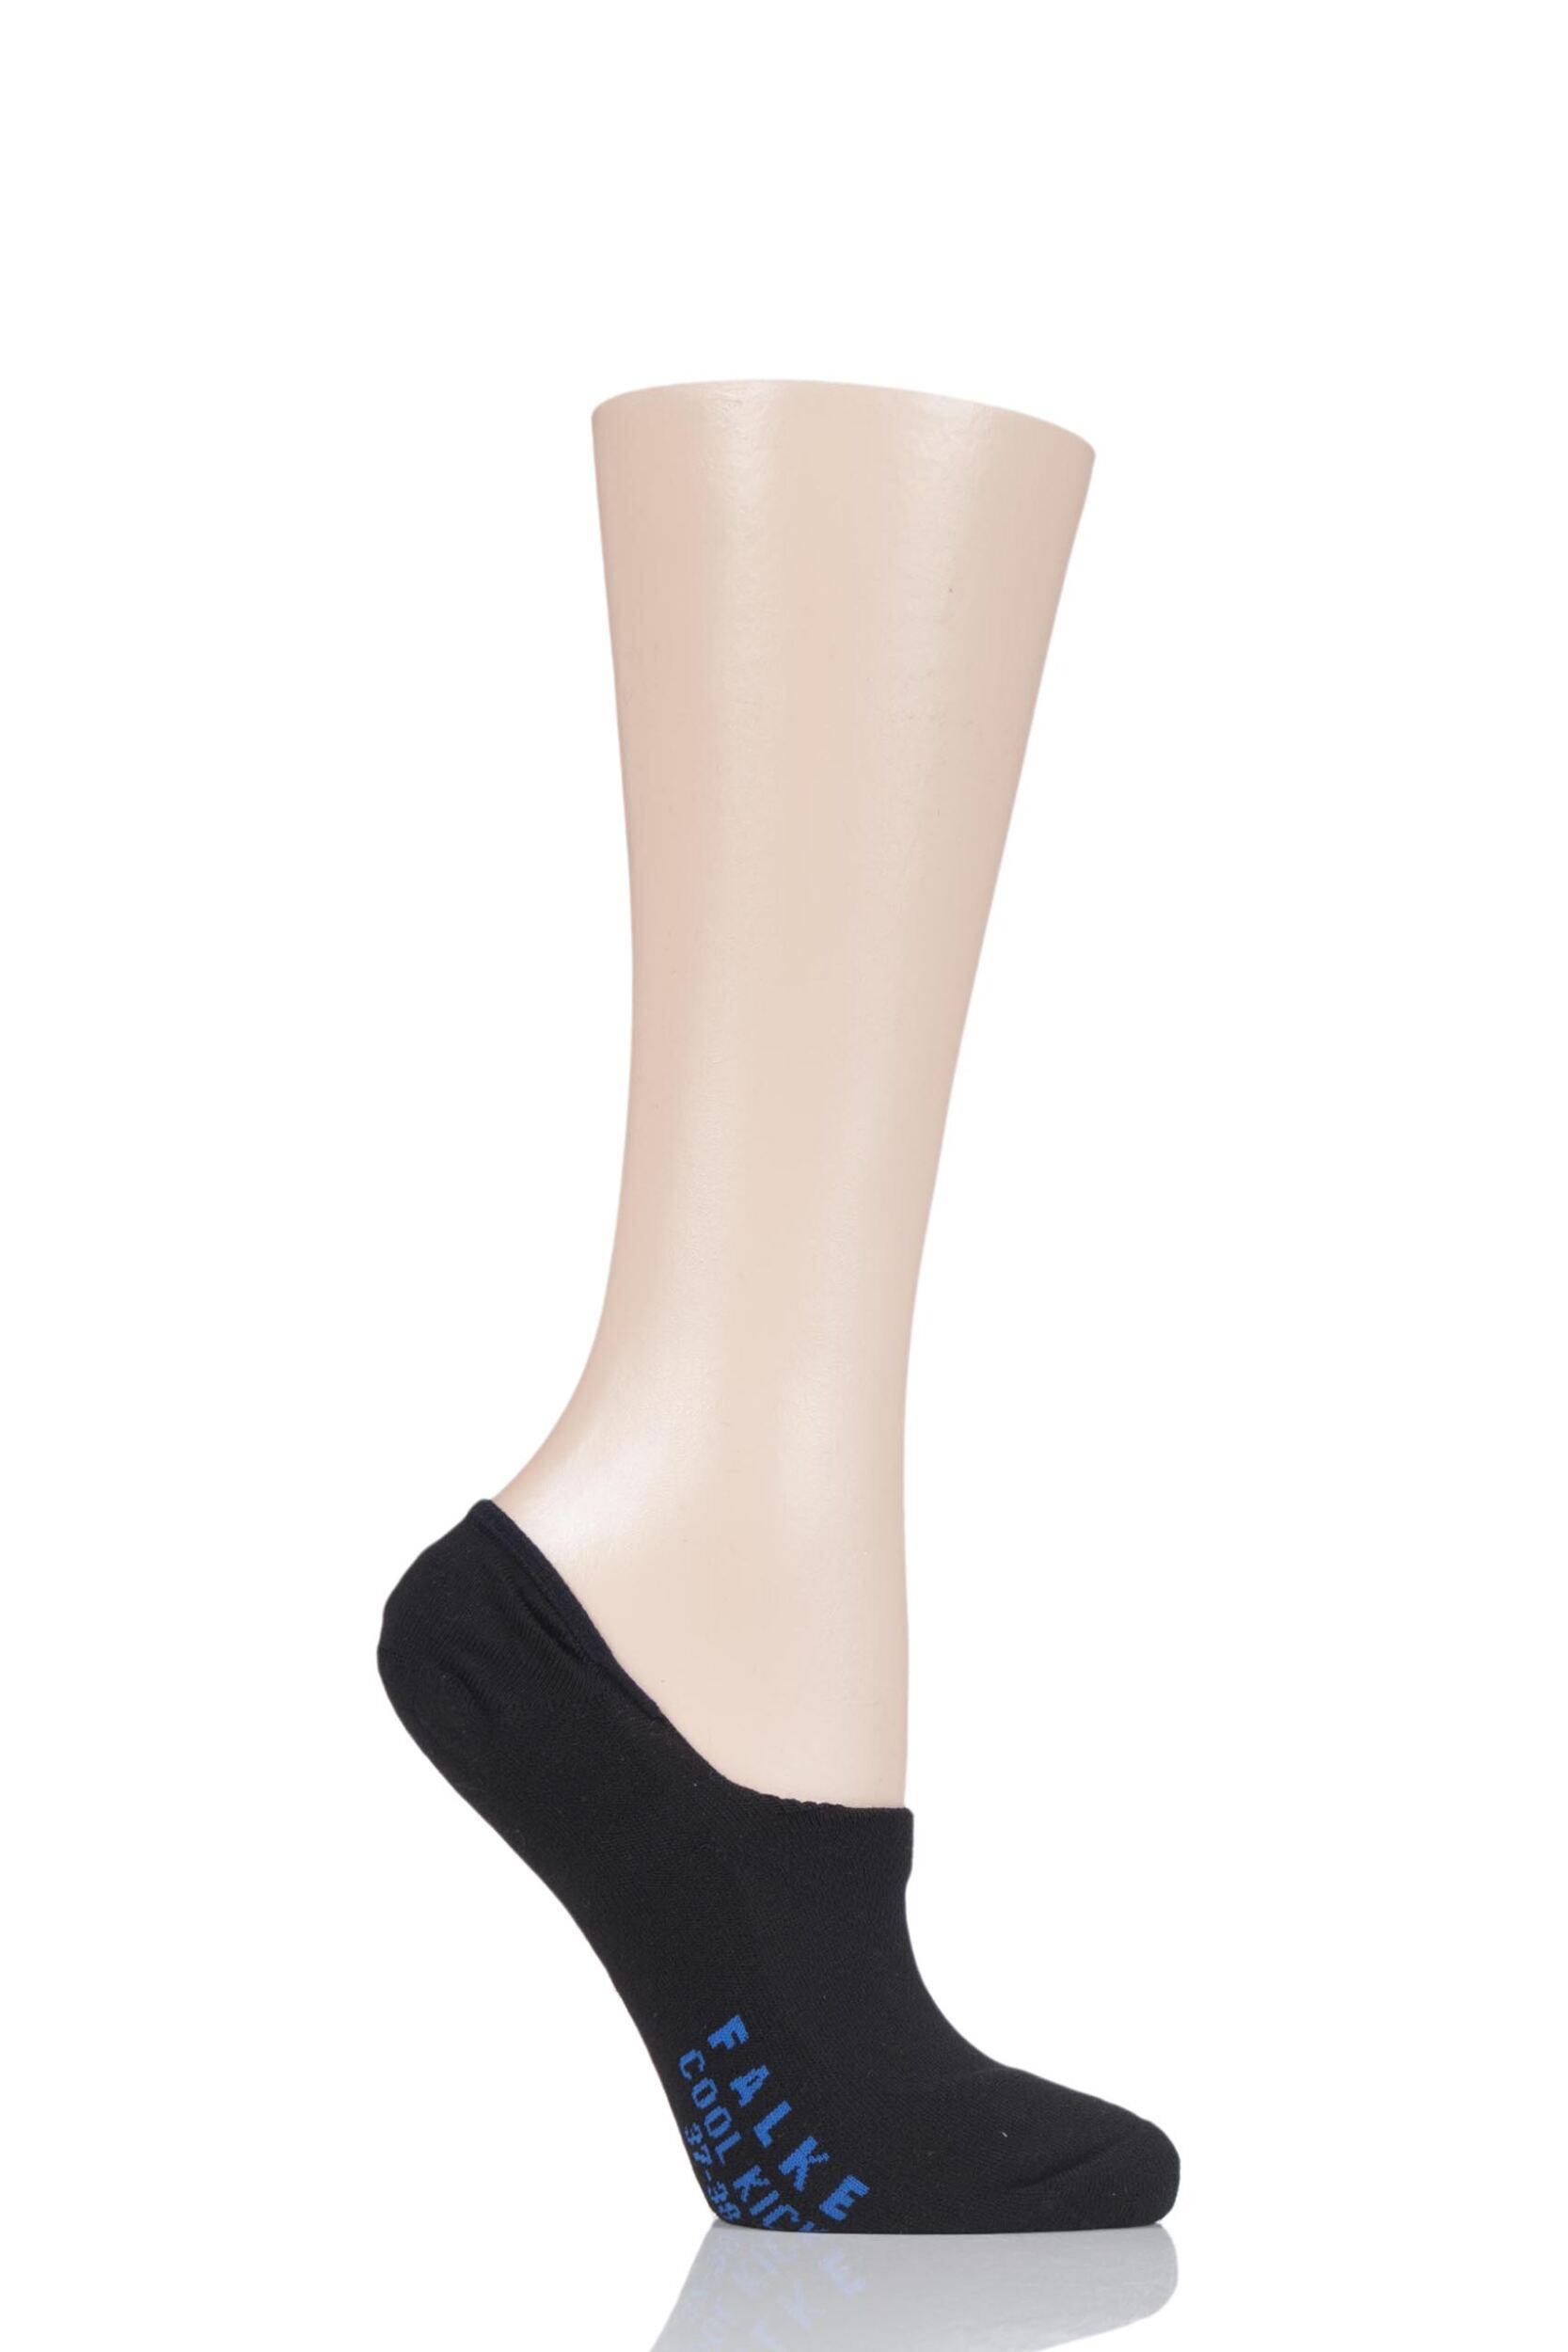 Mens Sports Socks, 1 pair Falke